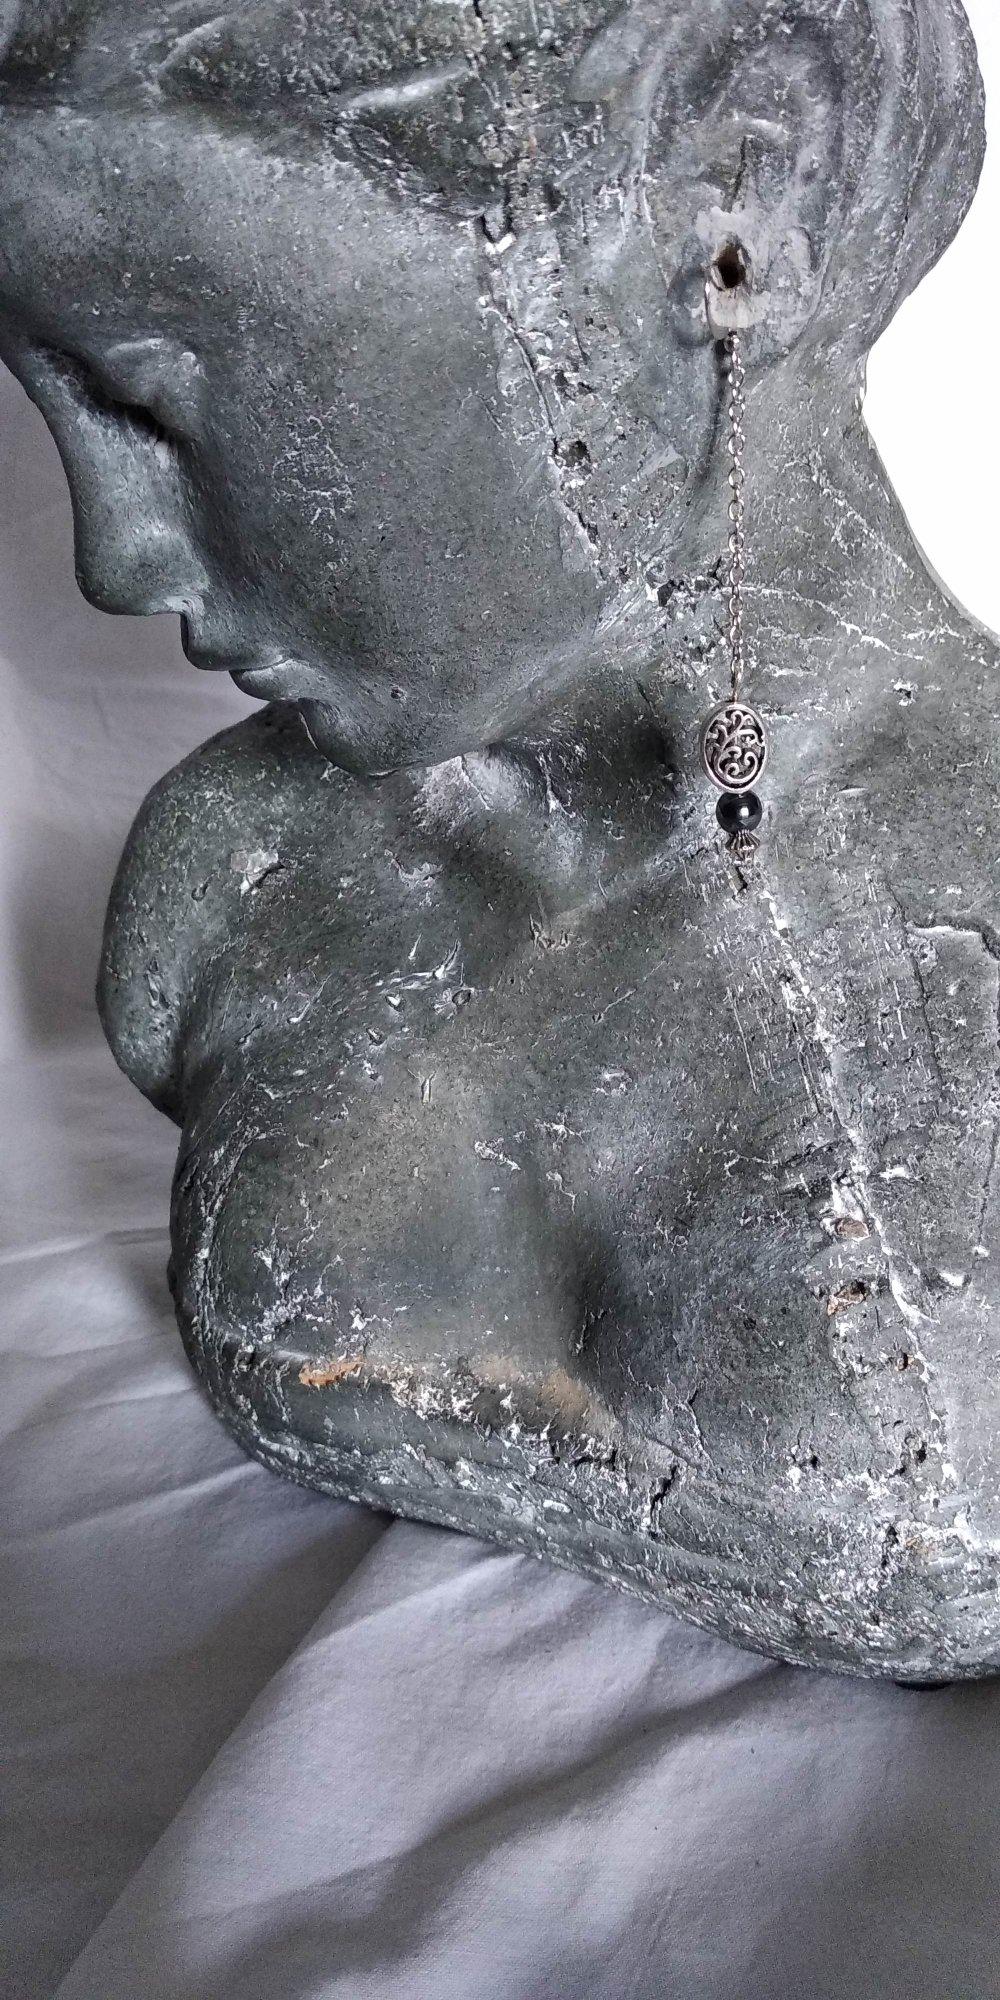 Boucle d'oreille en métal argenté et perle en verre